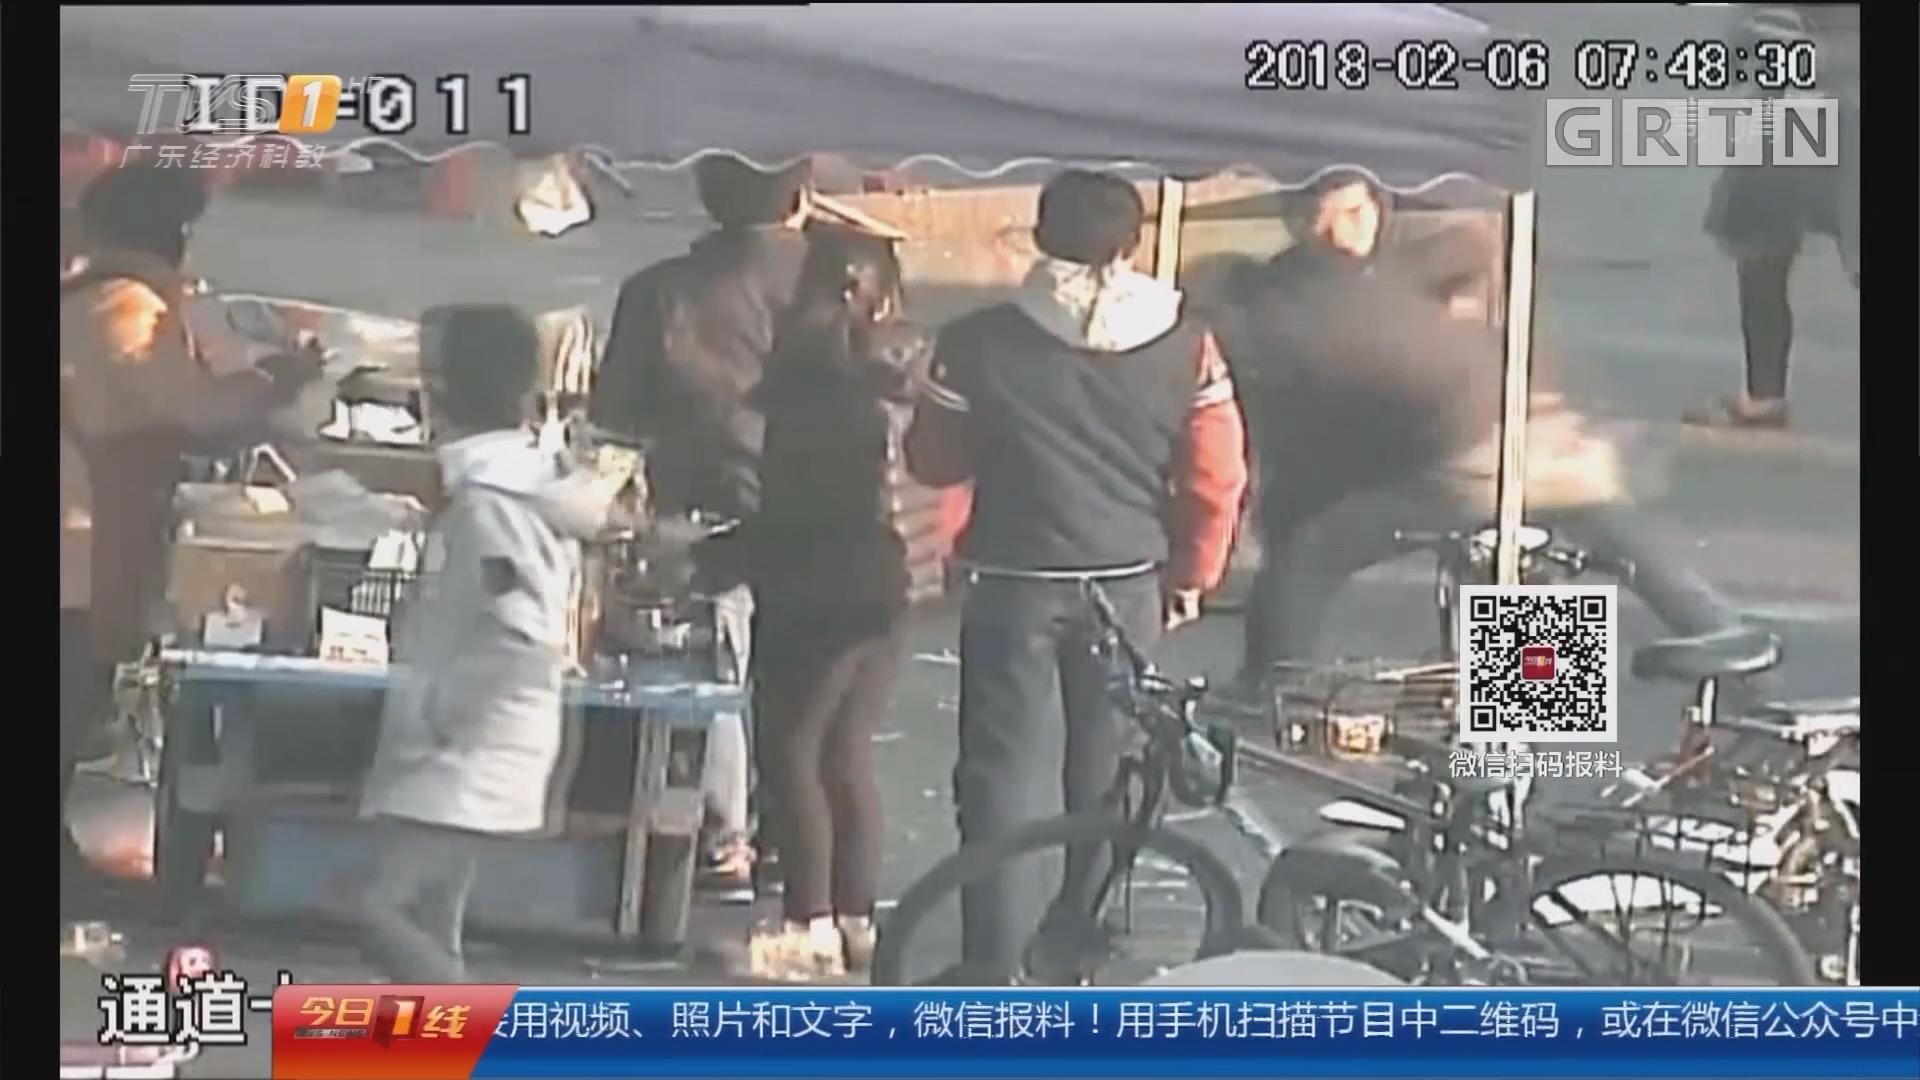 东莞:毛贼三秒偷手机 便衣设伏人赃并获